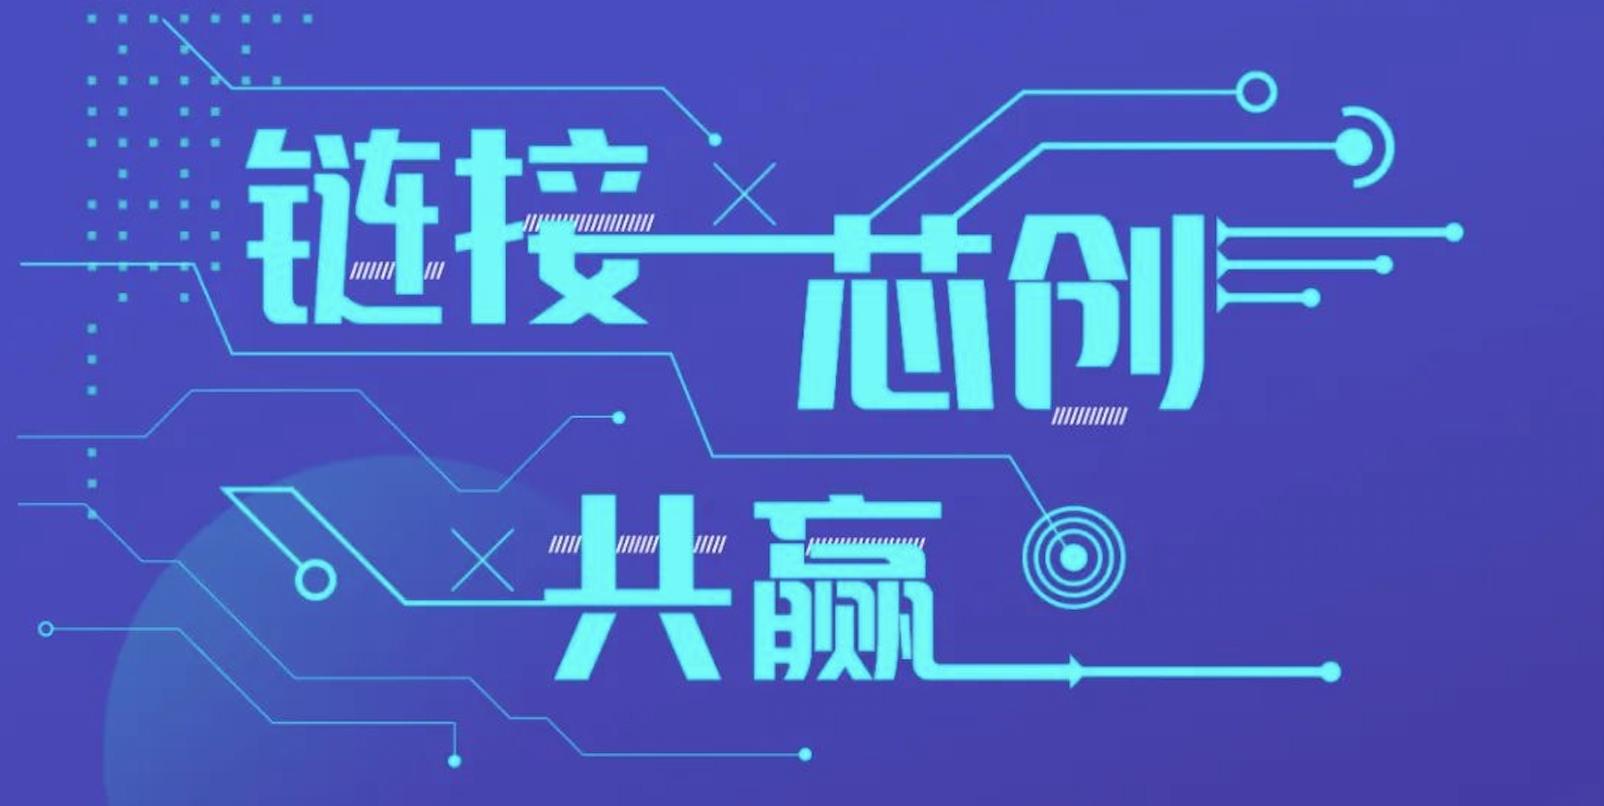 """""""芯创之路 这里加速"""" 平潭综合实验区集成电路产业专场招商推介报名!"""